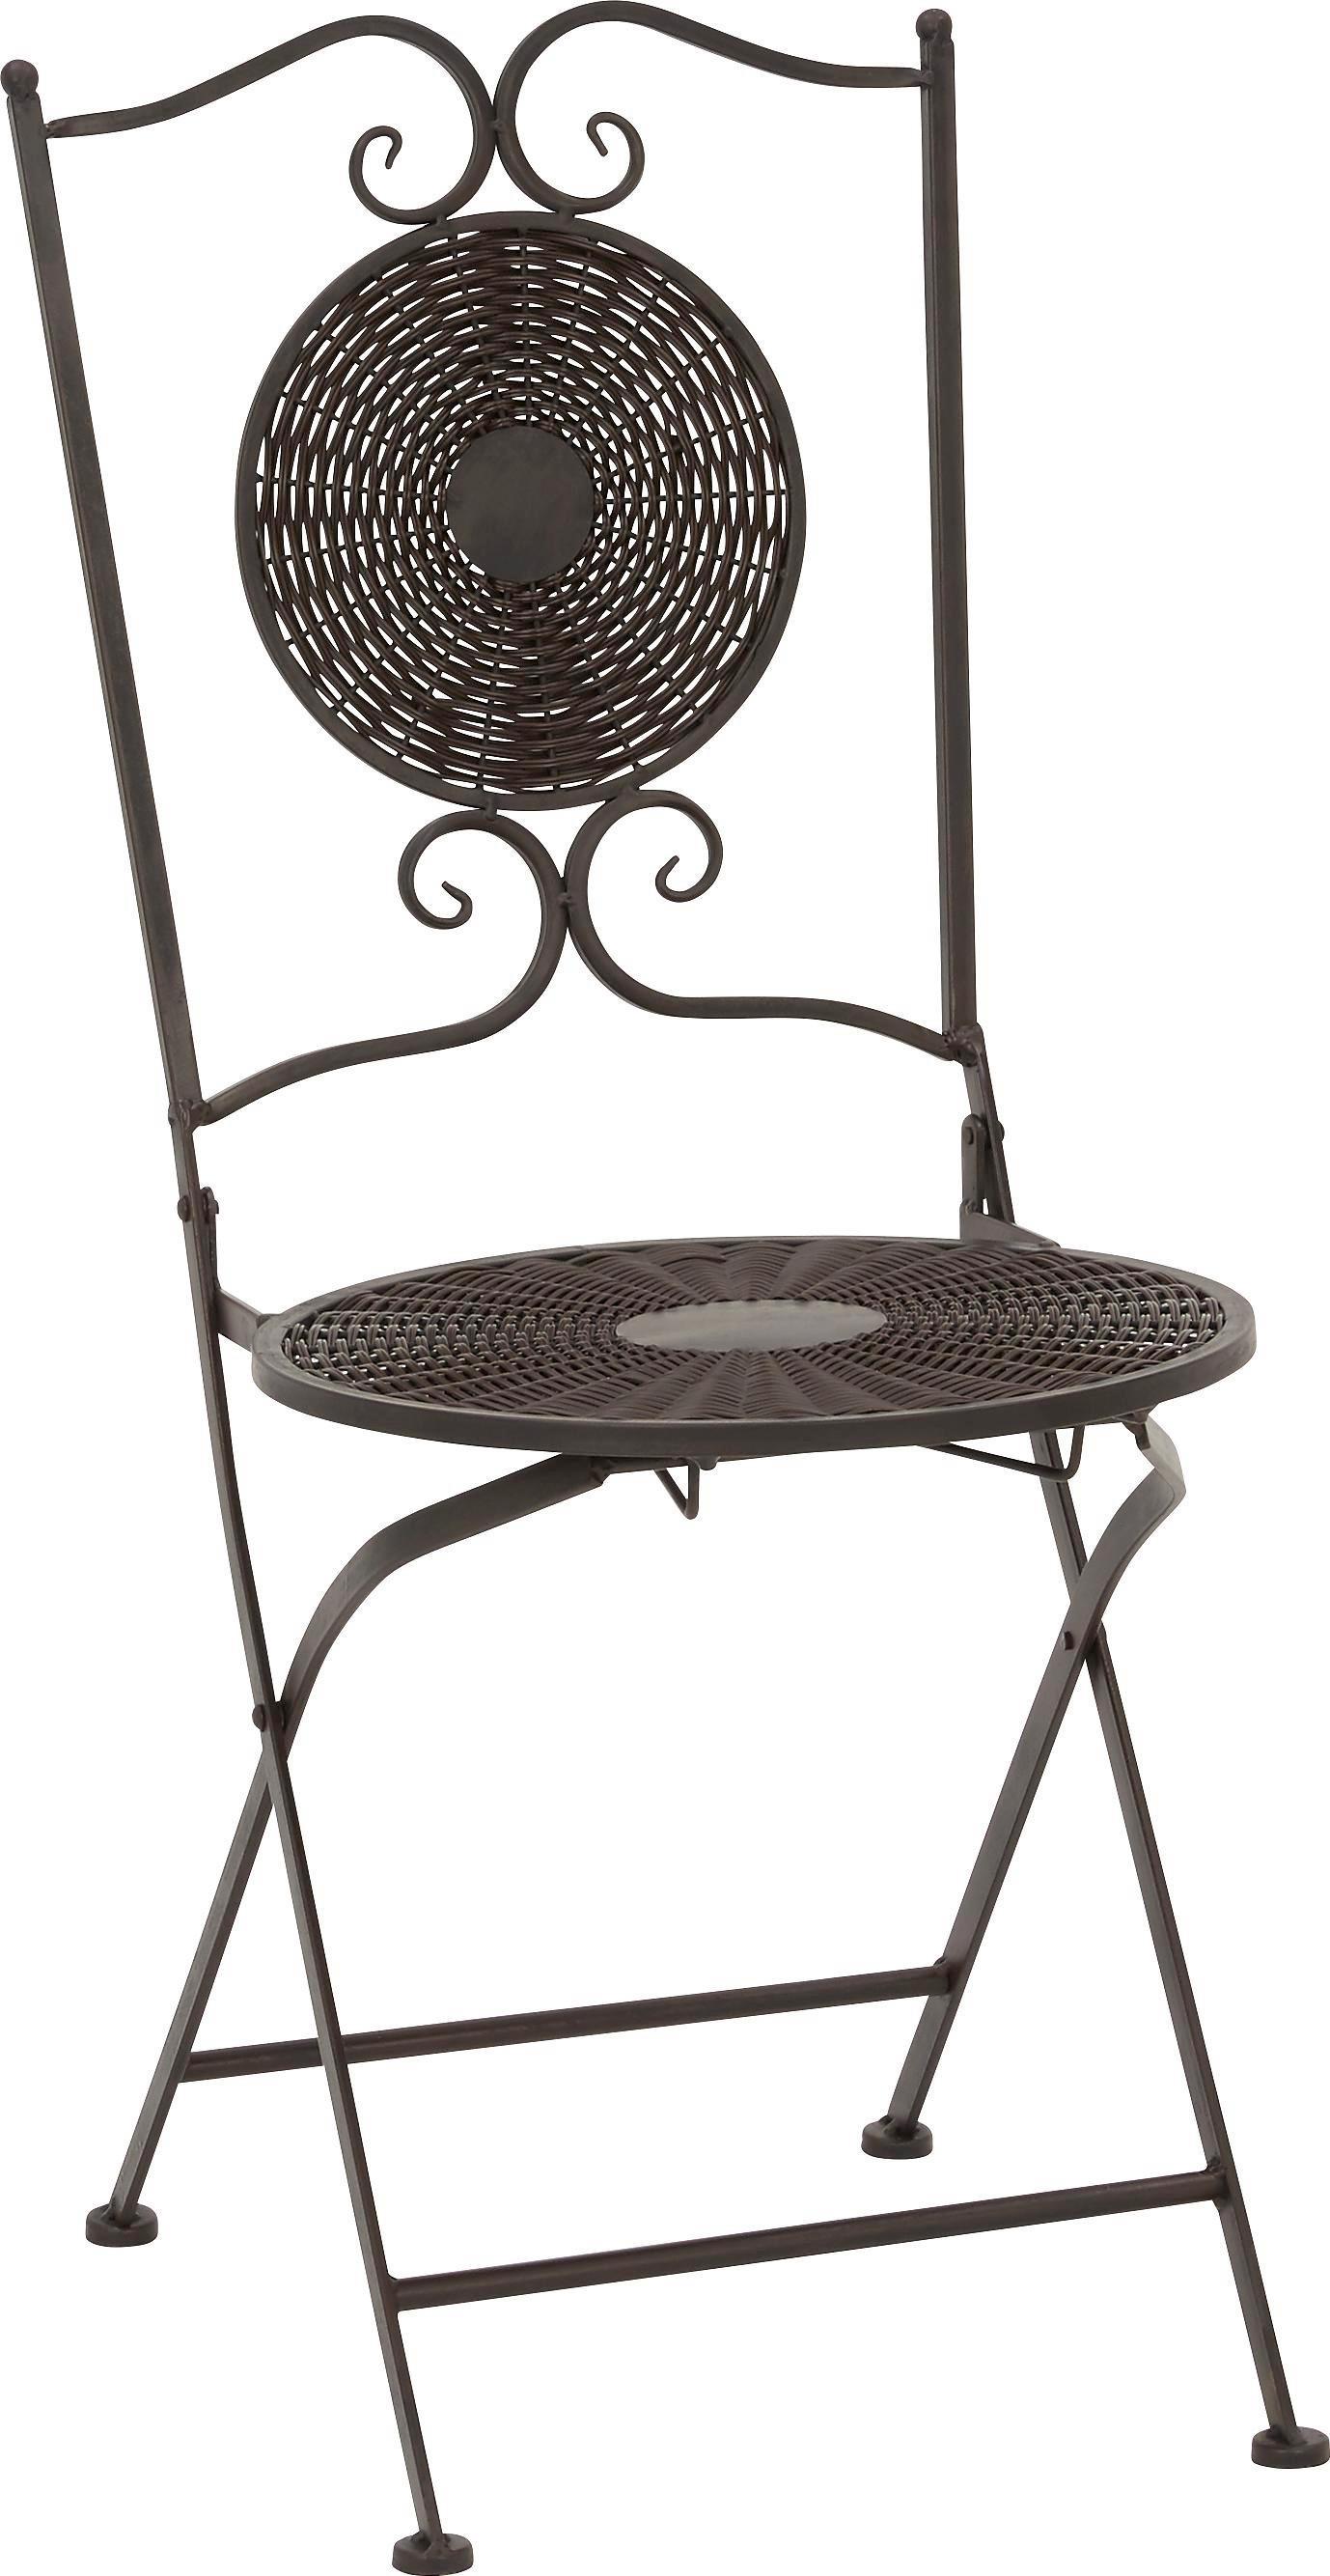 Záhradná Stolička Nicolas - hnedá/čierna, Moderný, umelá hmota/kov (40/90/40cm) - MÖMAX modern living